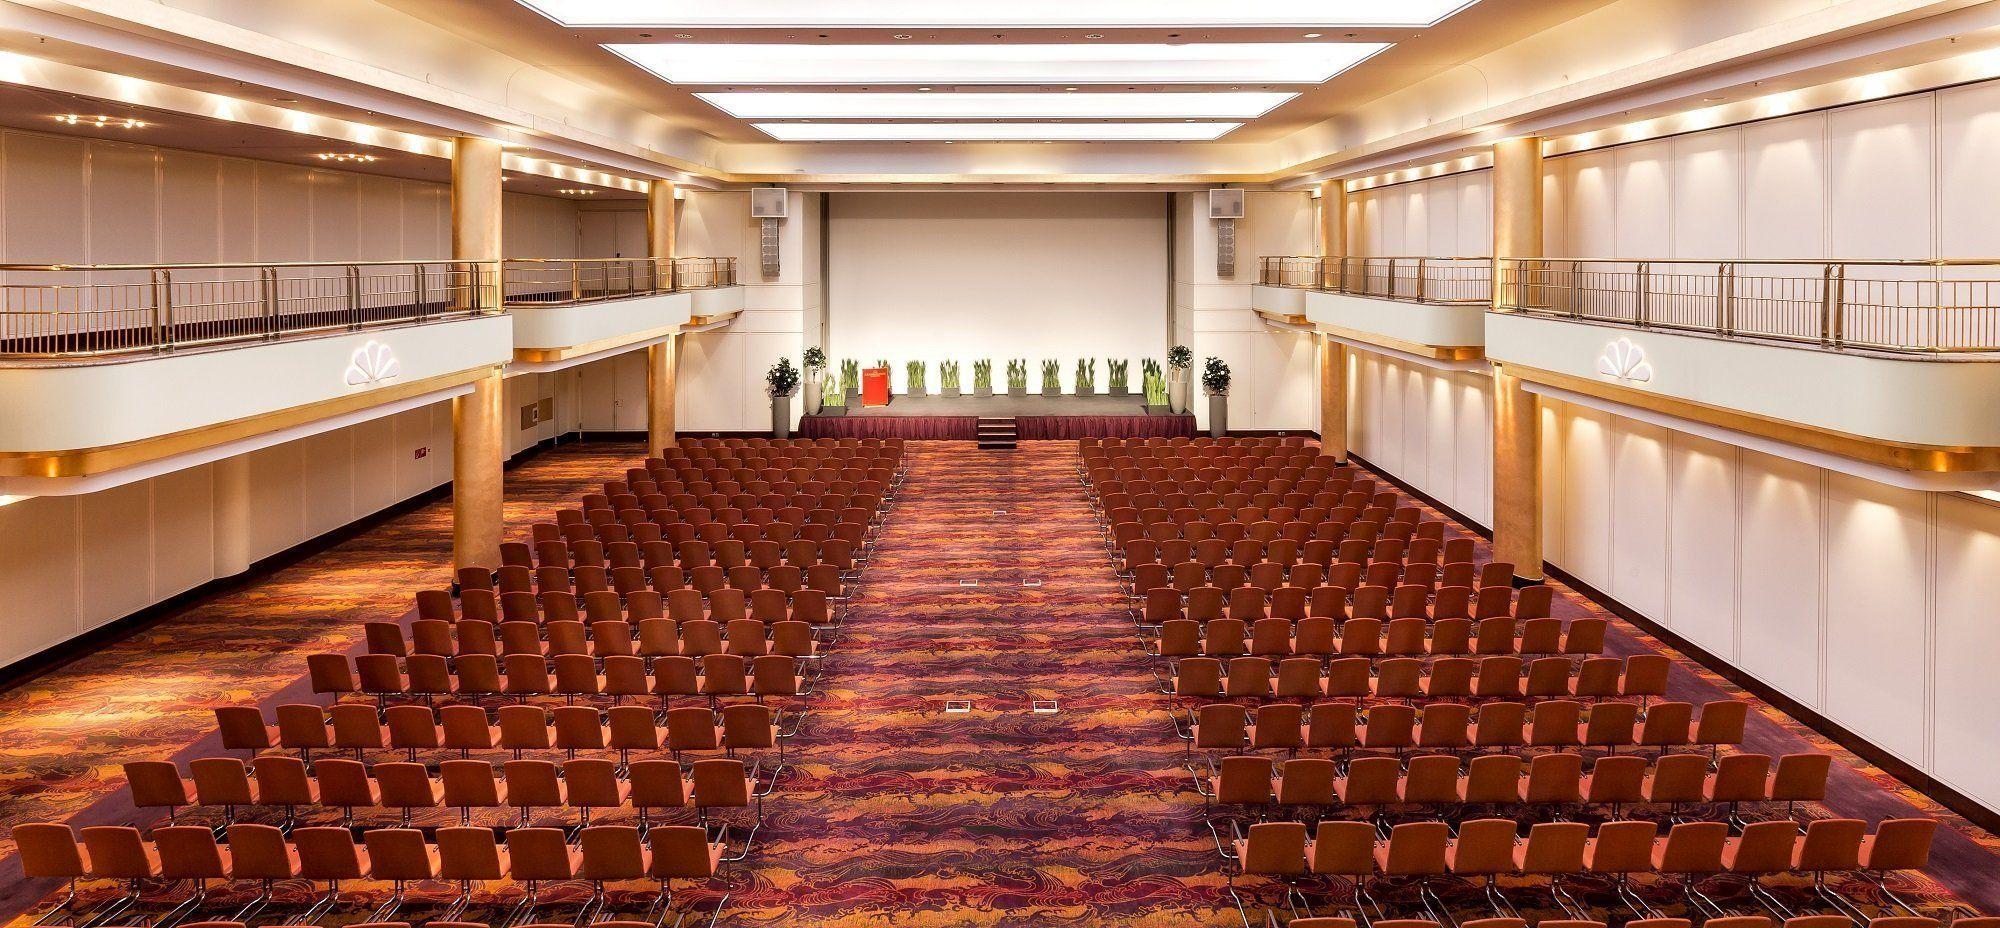 Premises And Technology Elysee Hotel Ag Hamburg